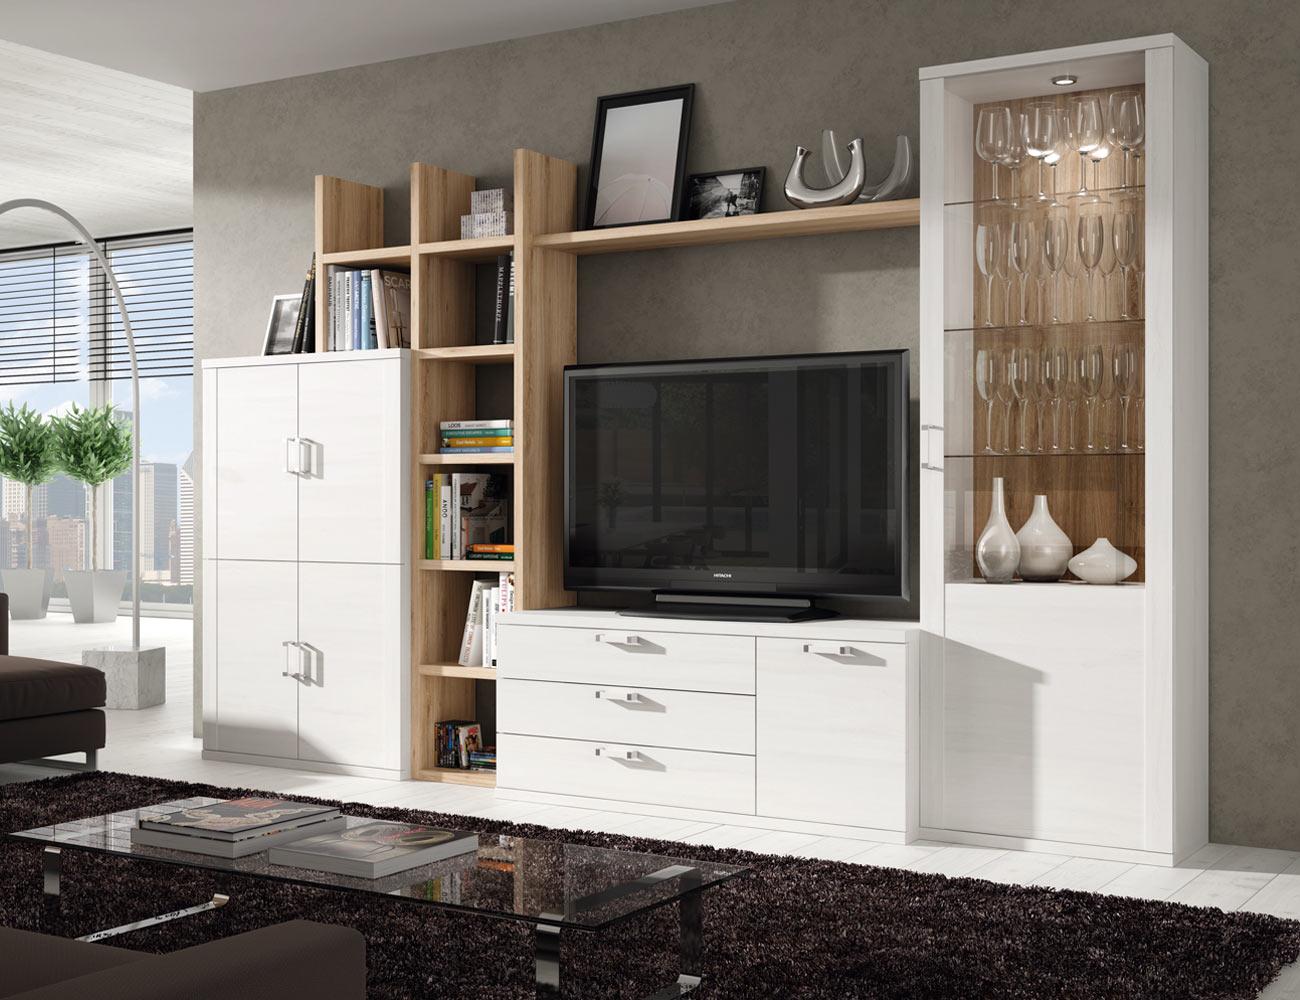 414 mueble salon comedor estanteria bodeguero tv polar roble natural